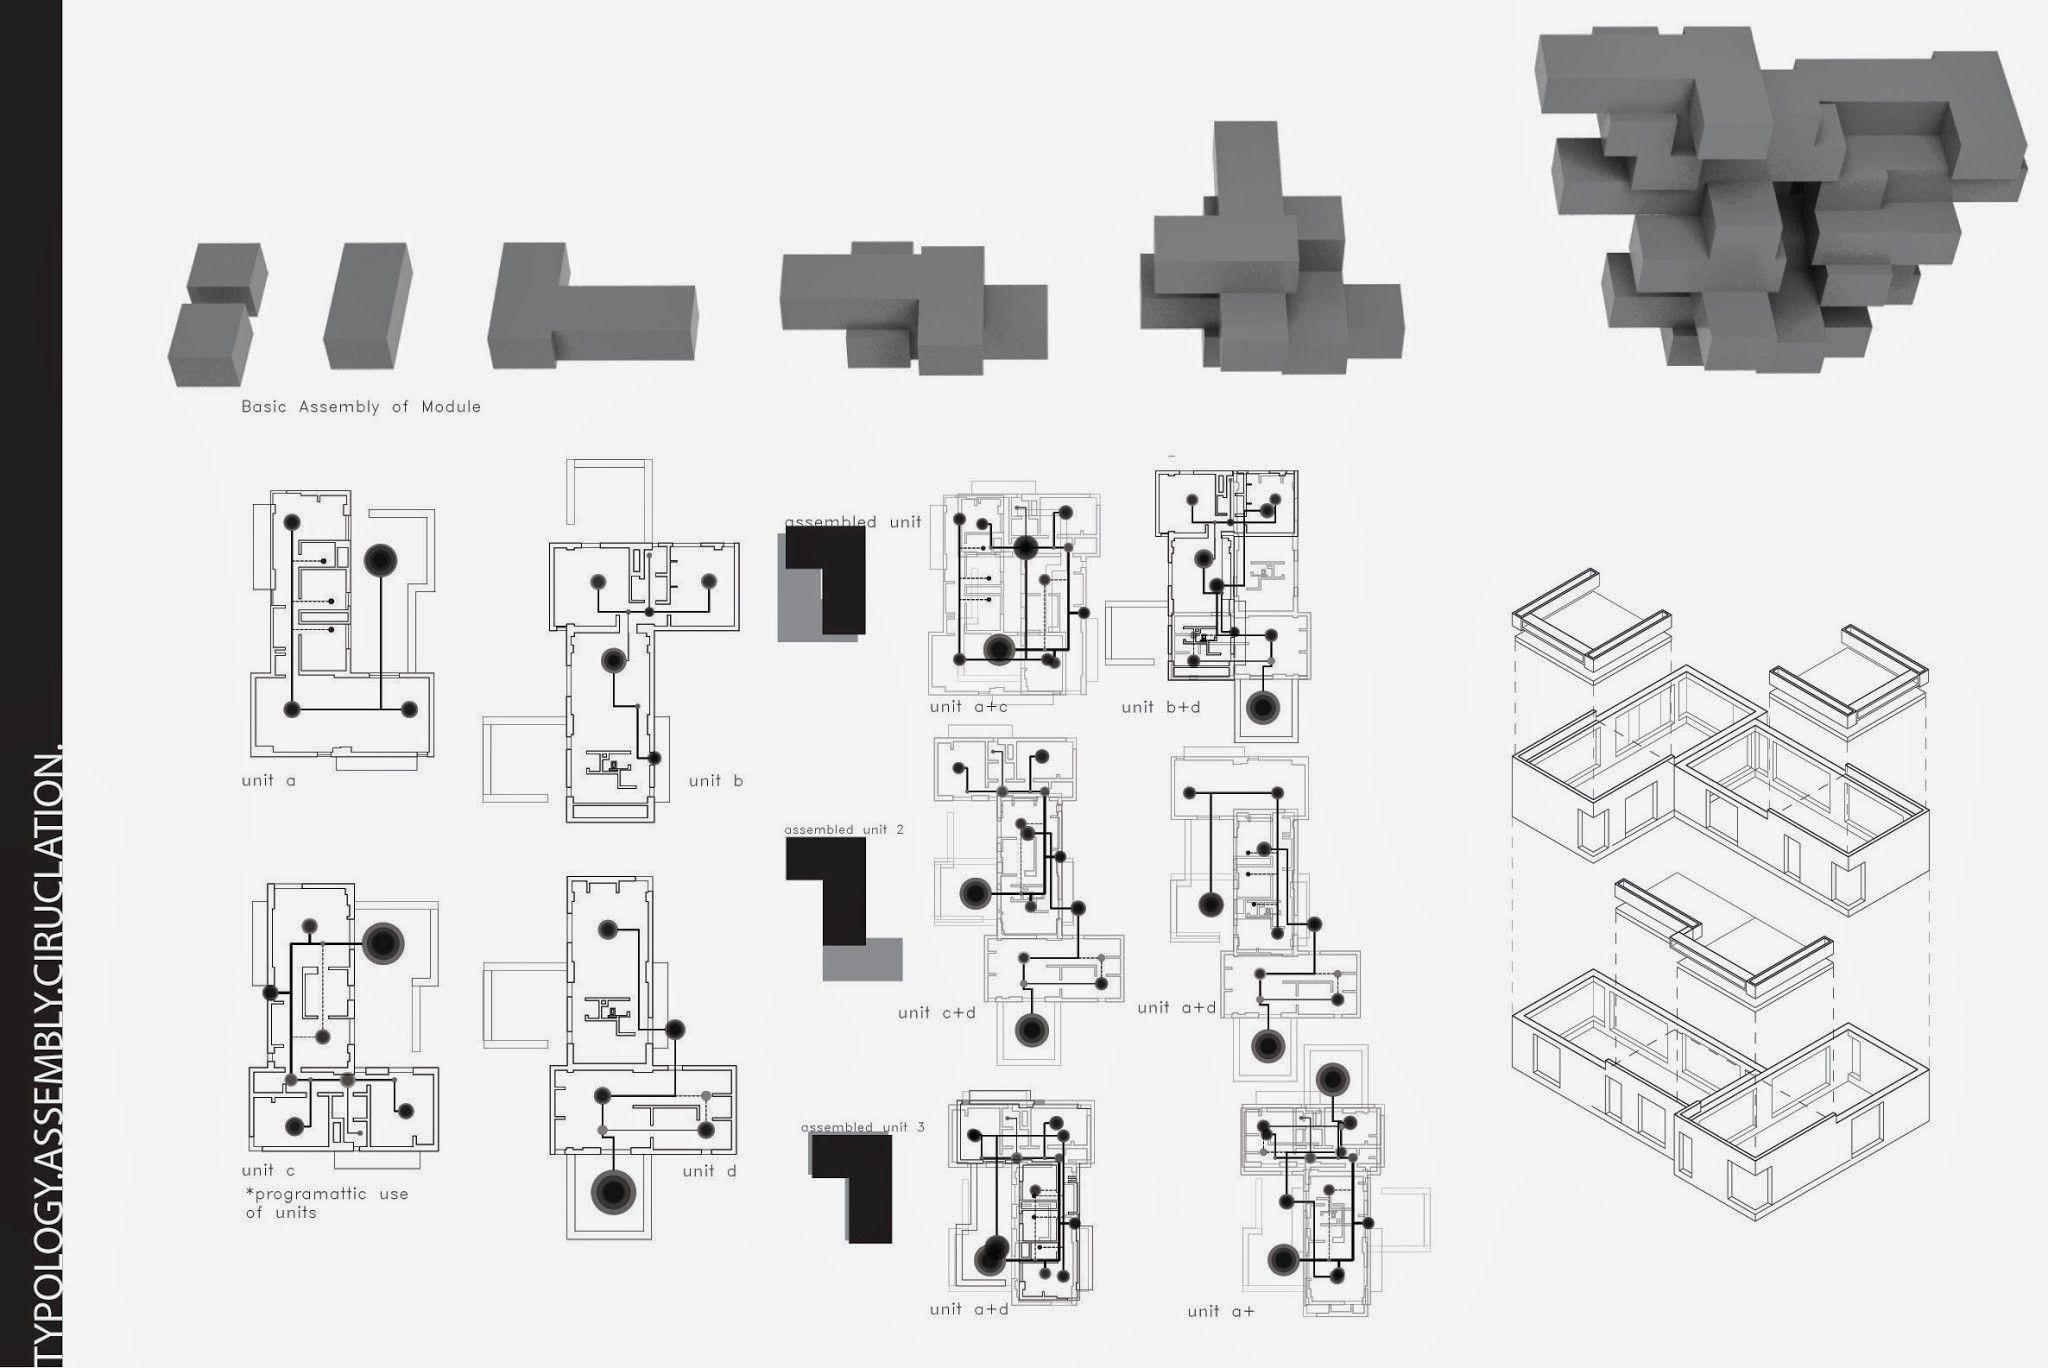 ESPECIESdeESPACIOSenCONSTRUCCIÓN: HABITAT 67. Moshe Safdie | Moshe Safdie | Vivienda social. Conjuntos de viviendas. Vivienda multifamiliar